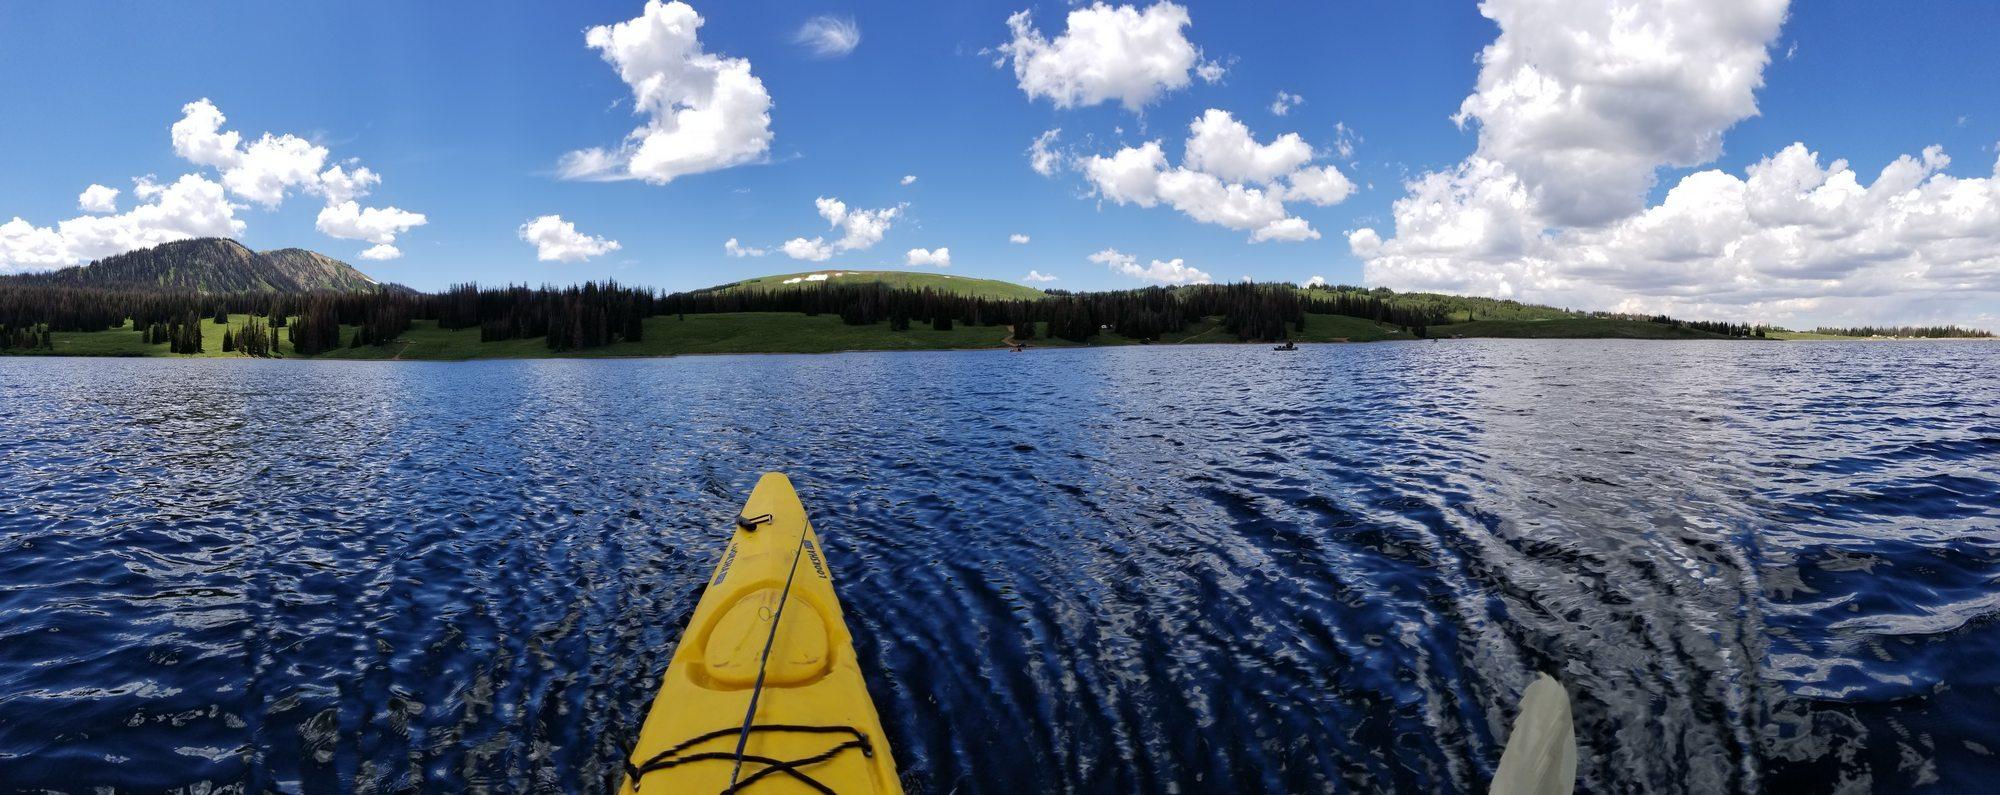 Kayaking at Whitney Reservoir, Utah